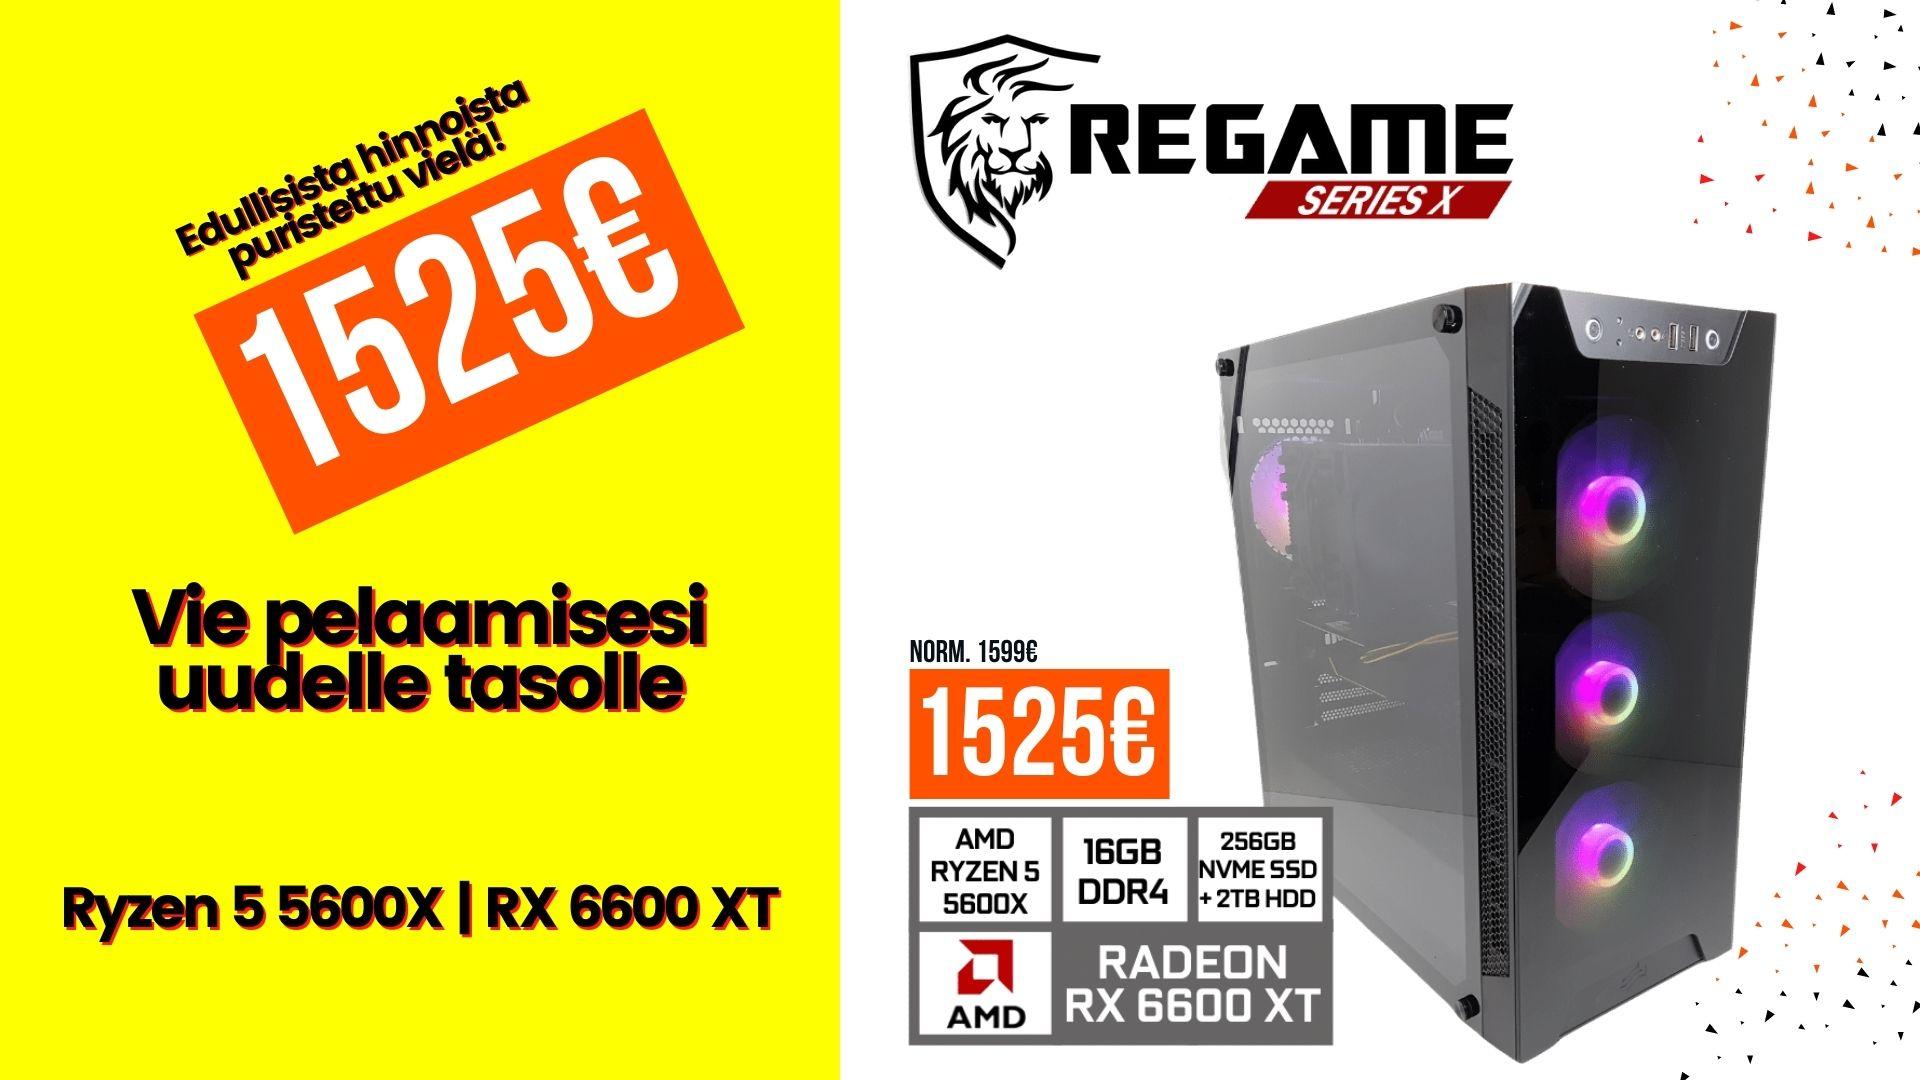 kt-regame-series-x-pelikone-custom-5600x-6600xt